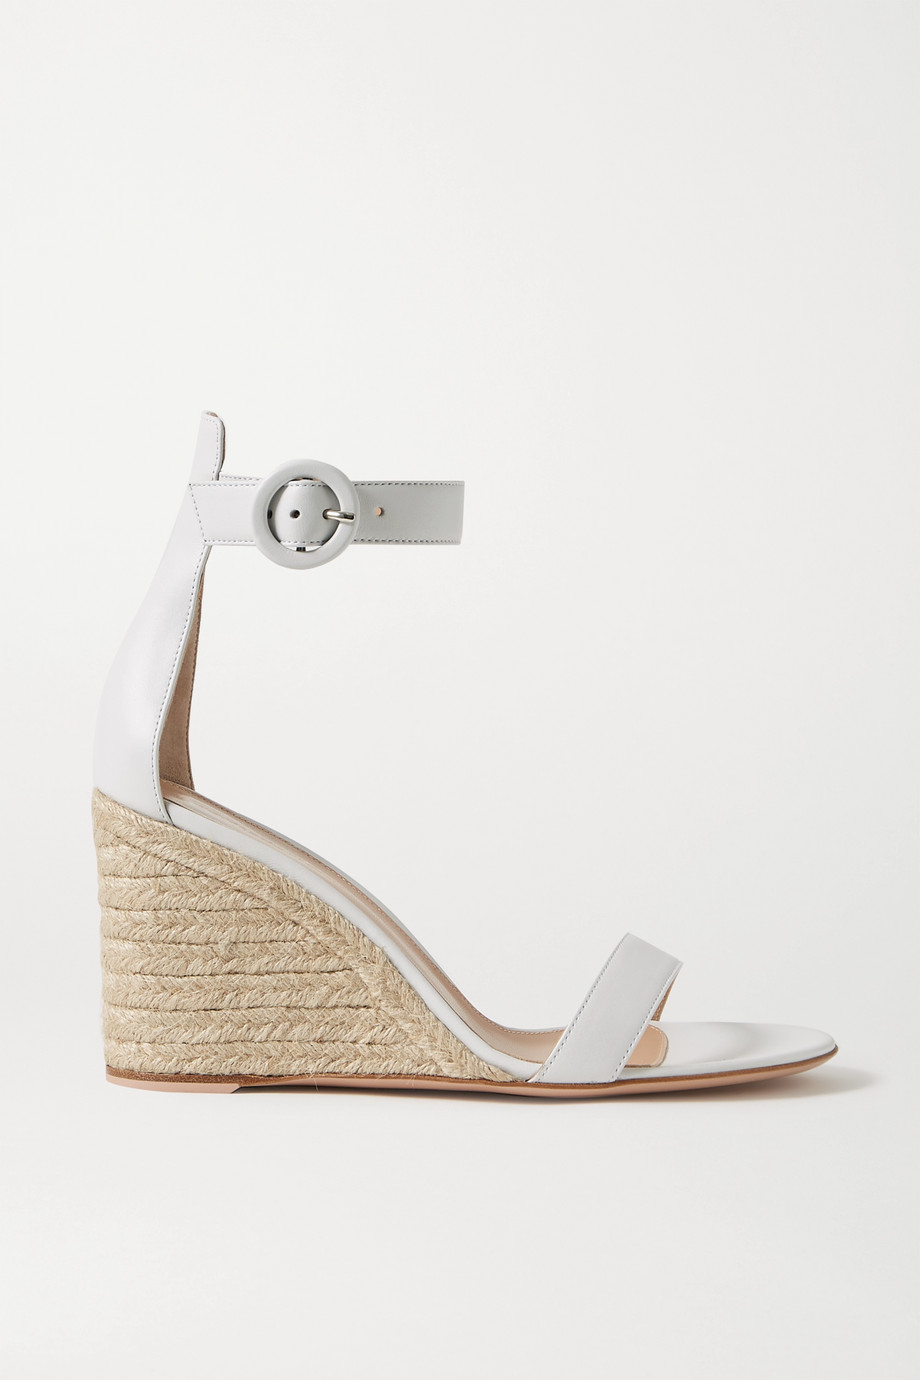 지안비토 로시 포르토피노 85 에스파드류 웻지 - 화이트 (한혜연 착용) Gianvito Rossi Portofino 85 leather espadrille wedge sandals